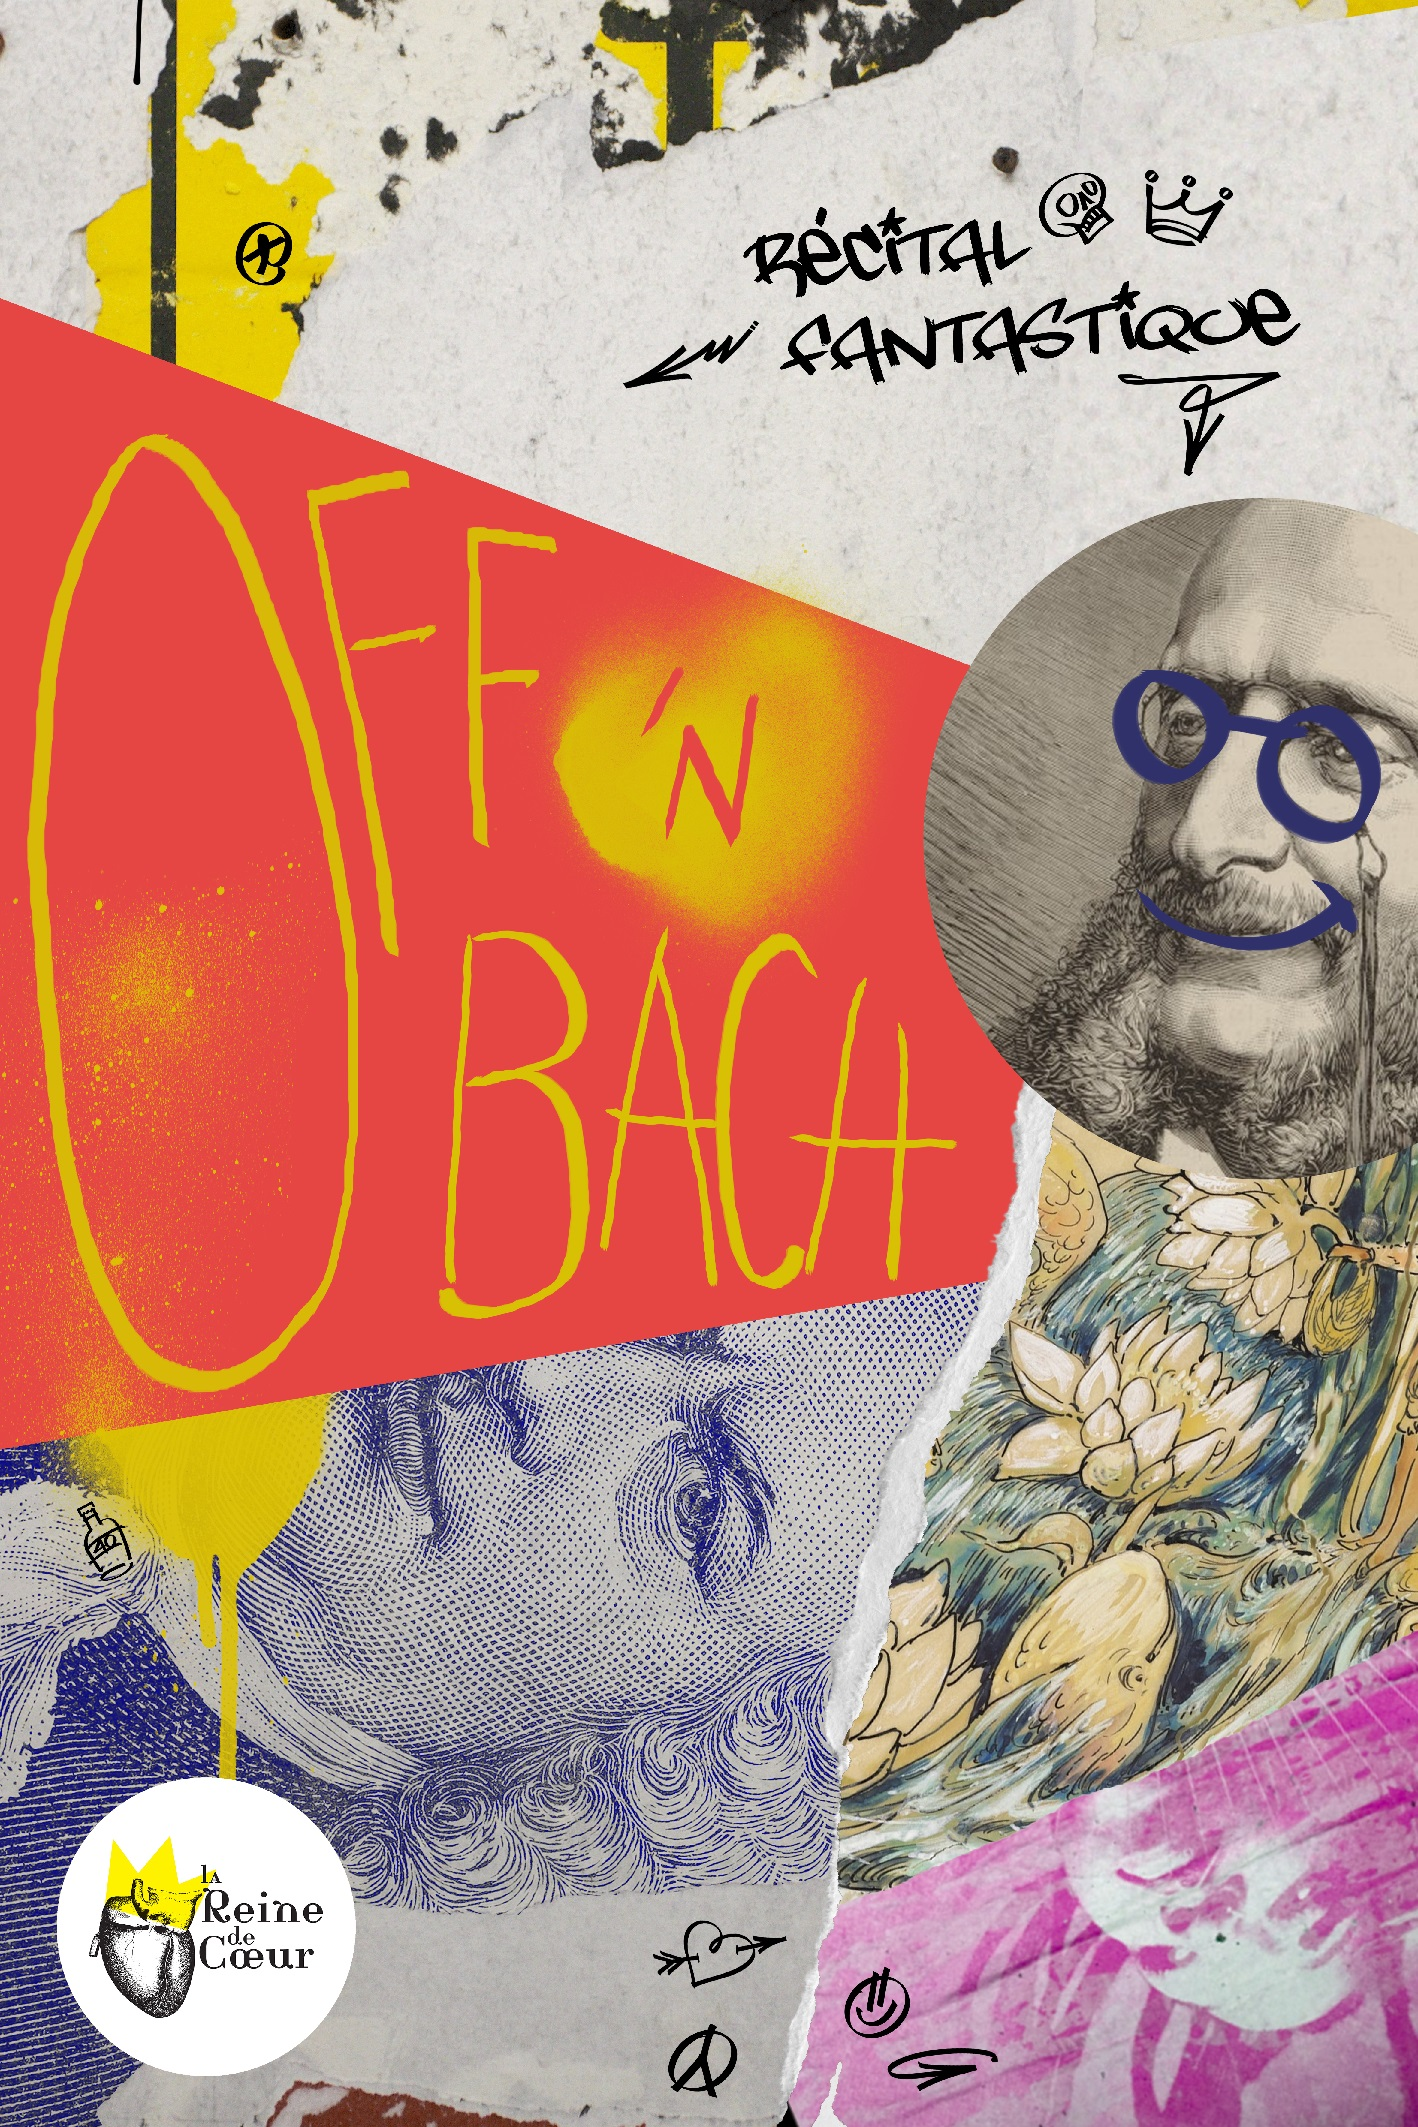 Off'n bach – Récital fantastique